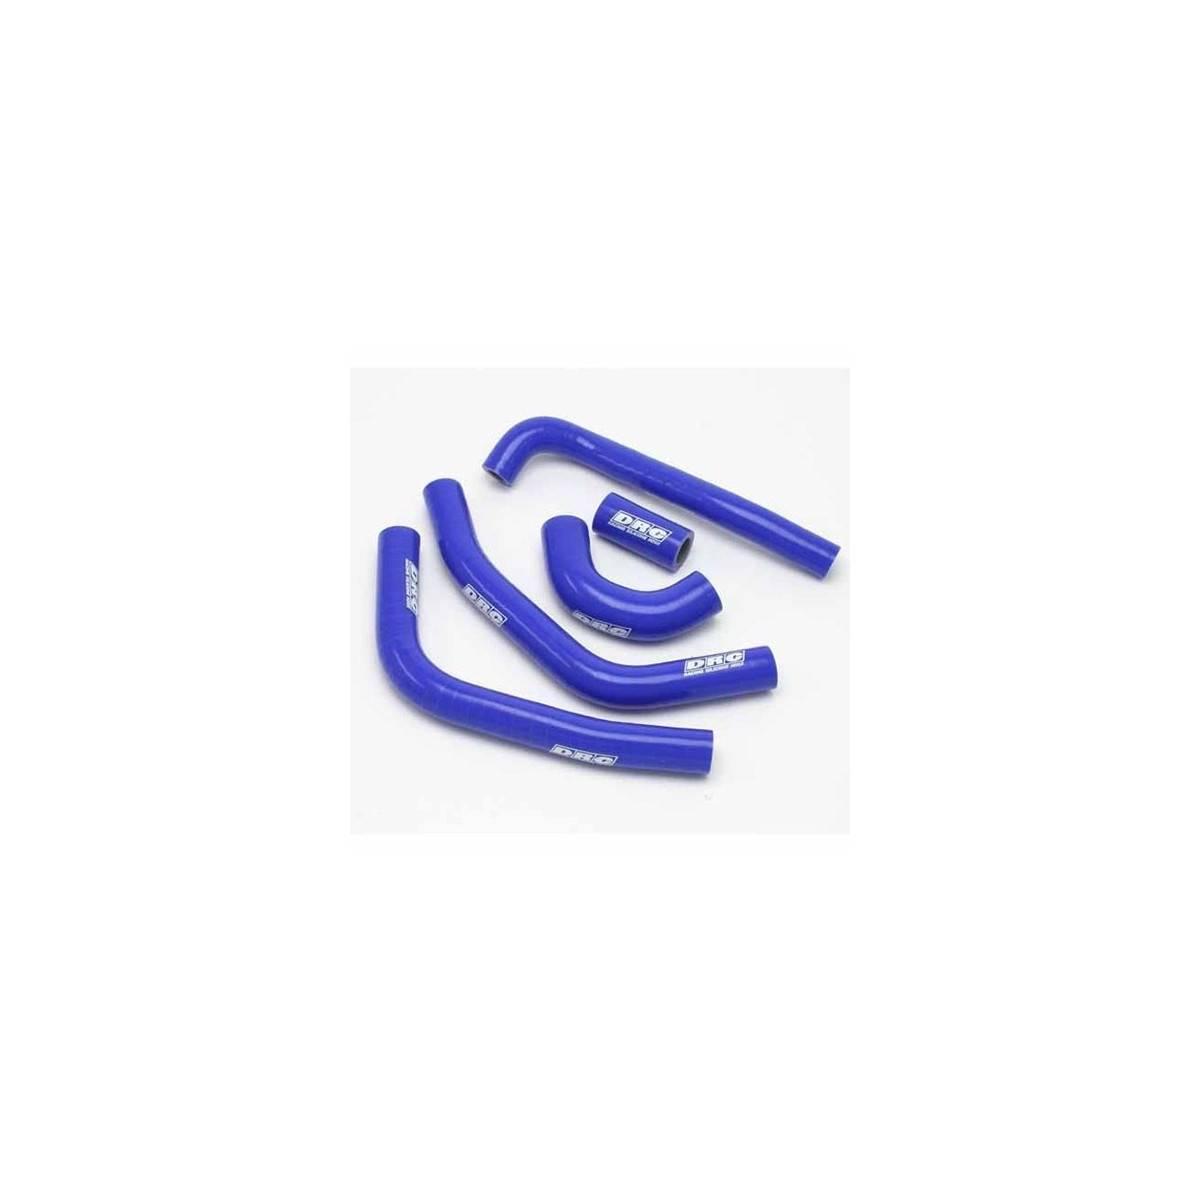 D47.01.312 - Kit Manguitos Radiador Kawa Klx250 D-Tracker ´98-07 Azul